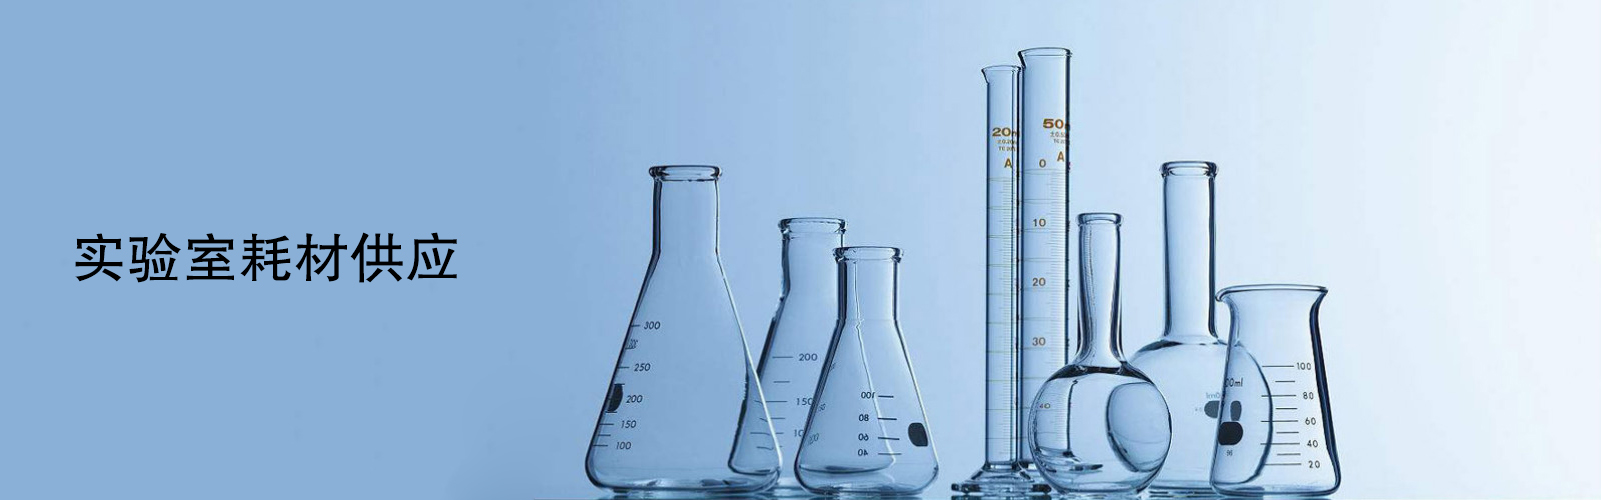 实验室耗材用哪种材质好?